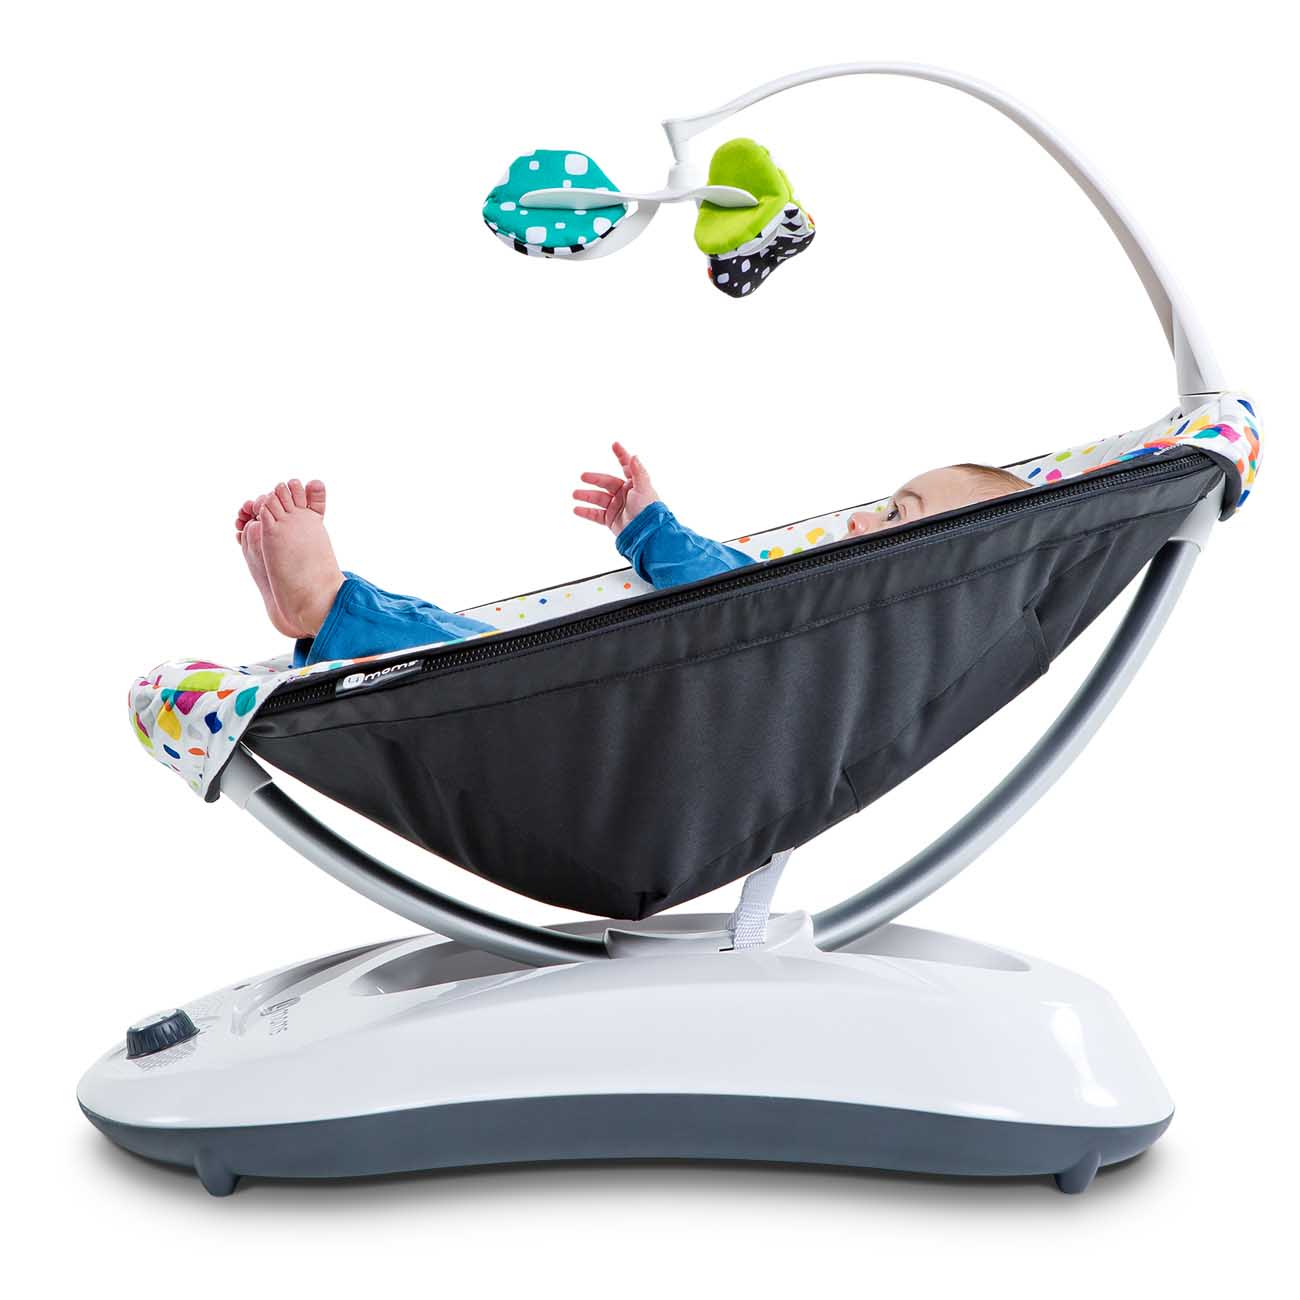 Schommelstoel Baby Automatisch.Ontspanning Voor Je Baby In Een Wip Of Schommelstoel 24baby Nl